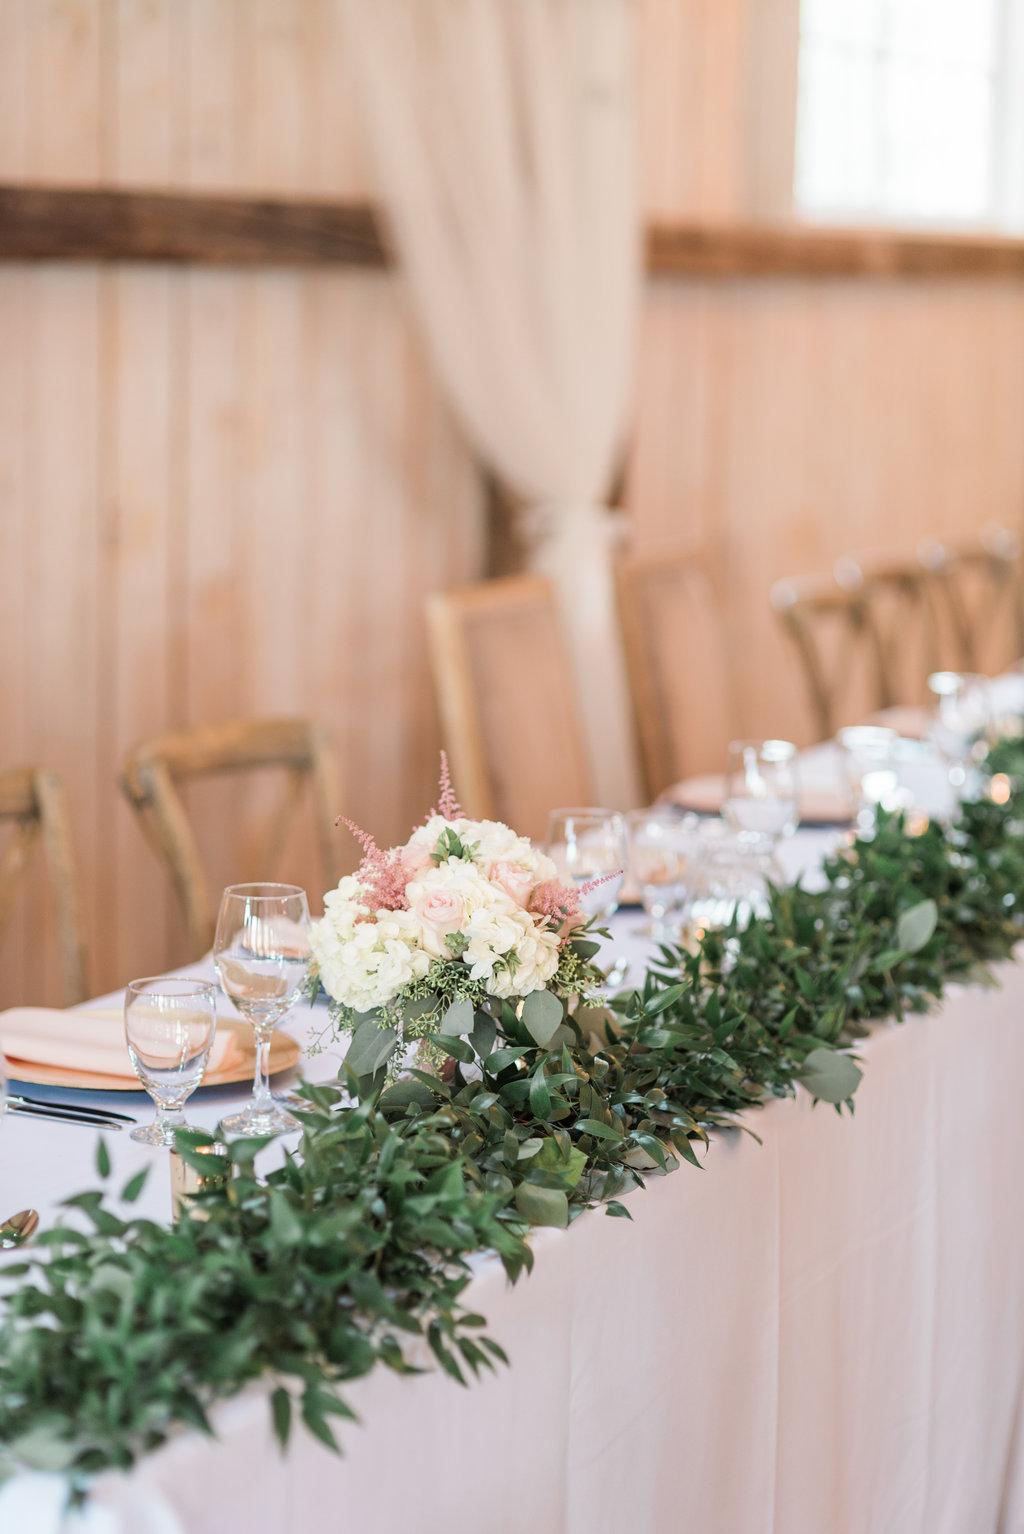 C&S - Summer Wedding at Stonefields - Ottawa Wedding Planner - 08